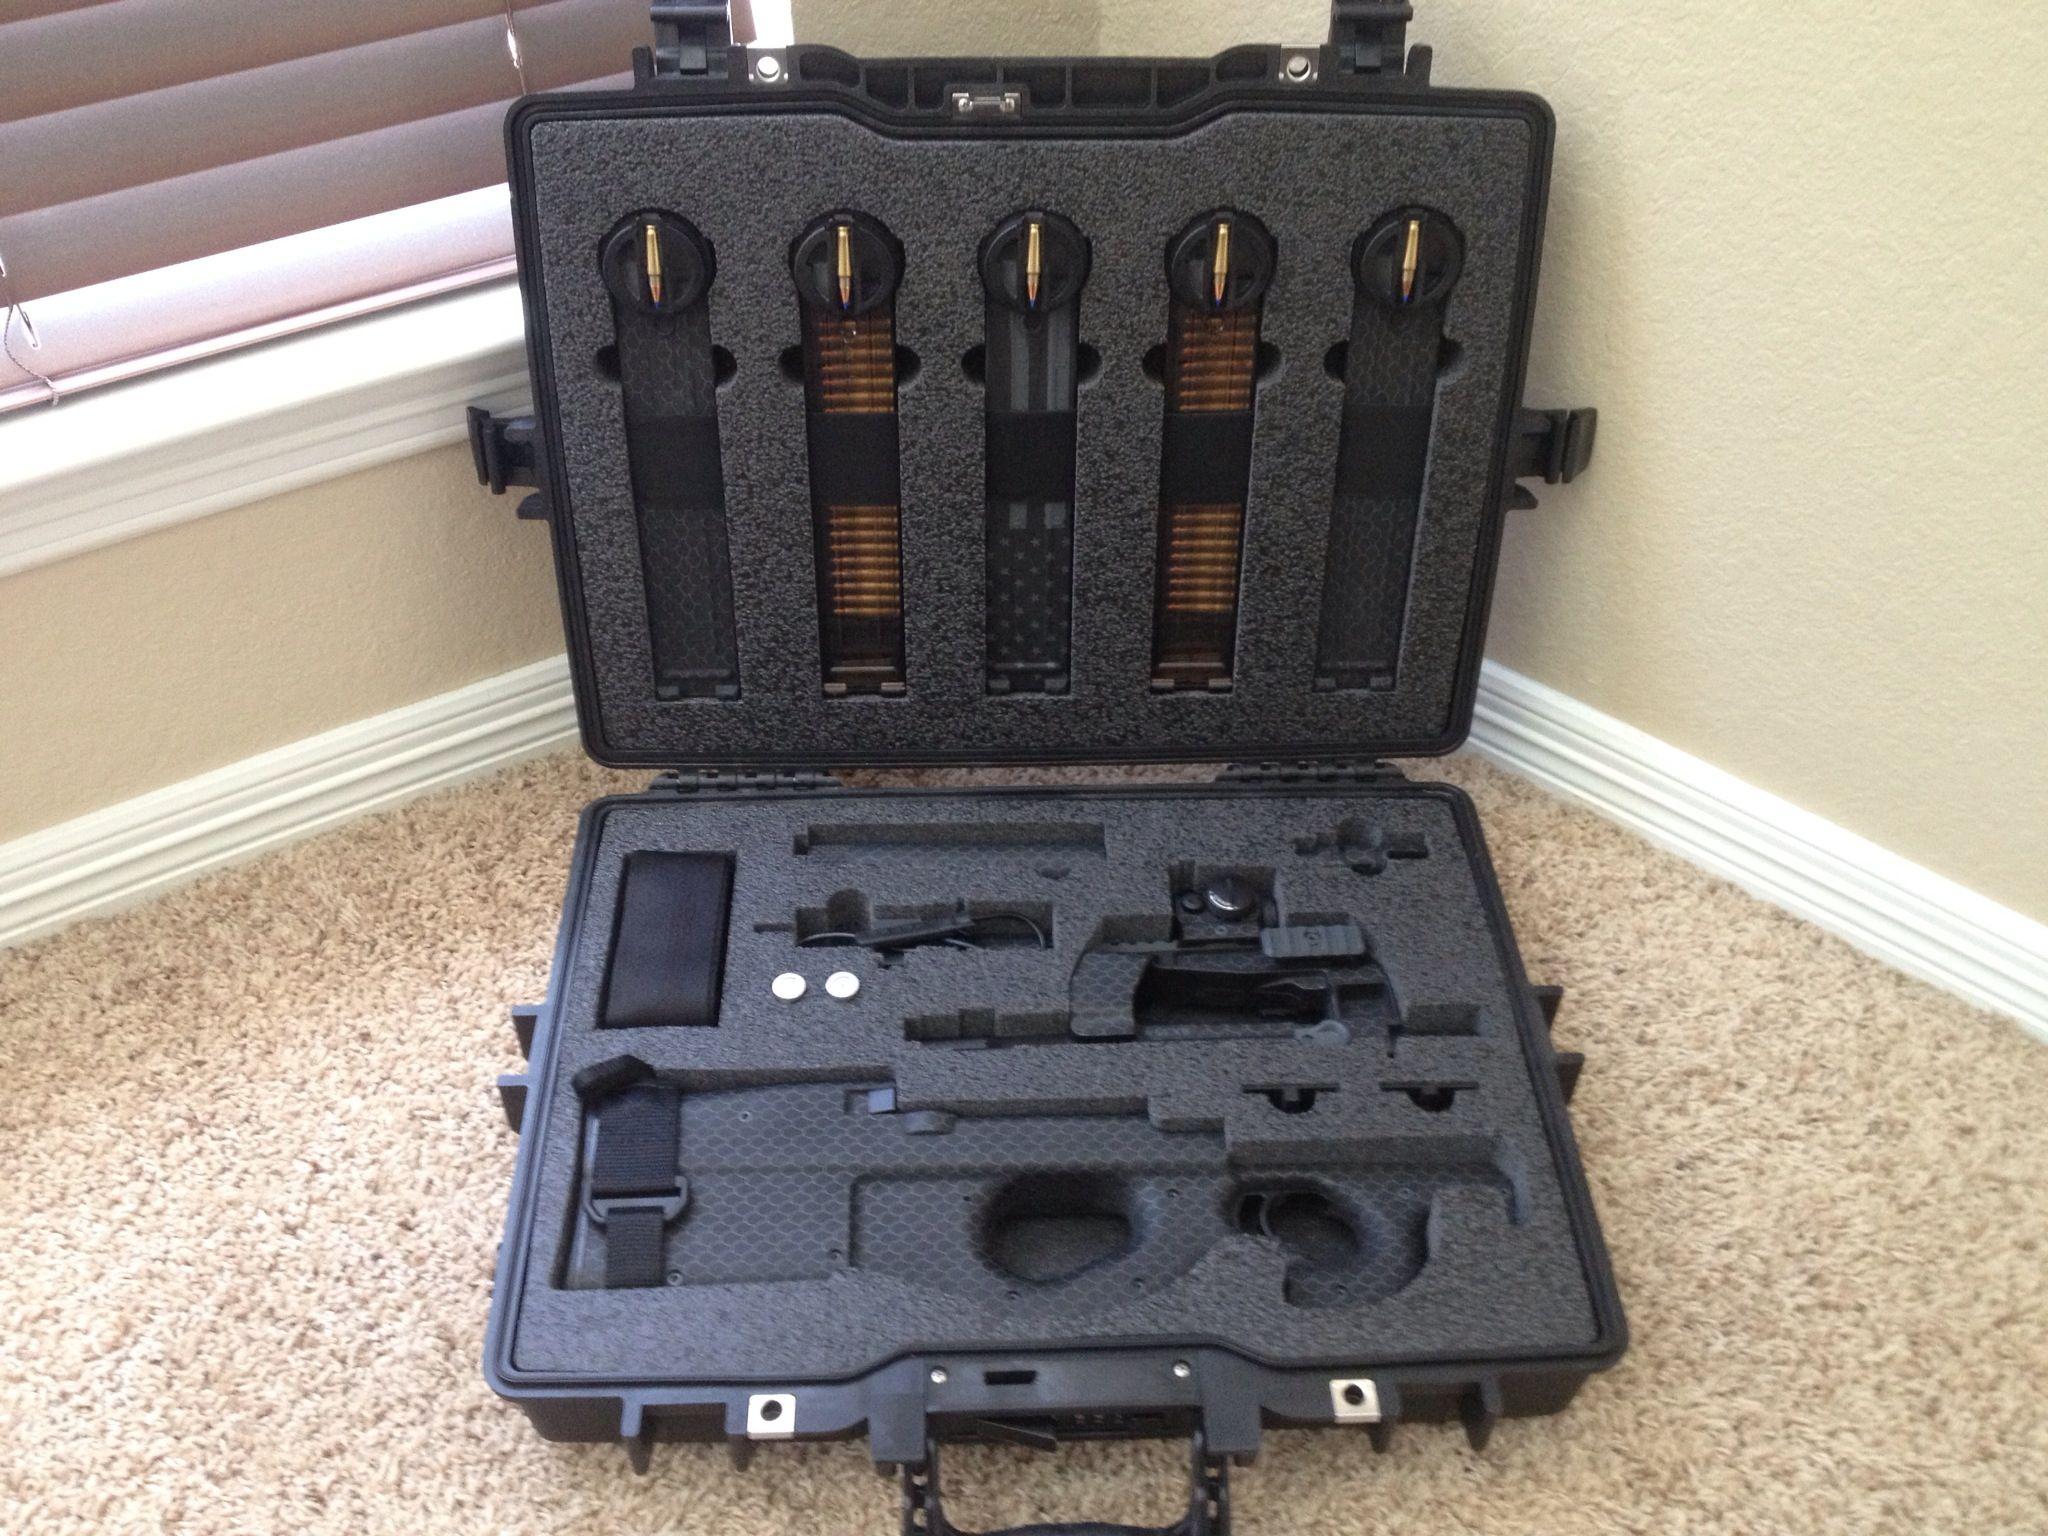 Ps90 Sbr In Custom Hard Gun Case Guns Ammo Amp Home